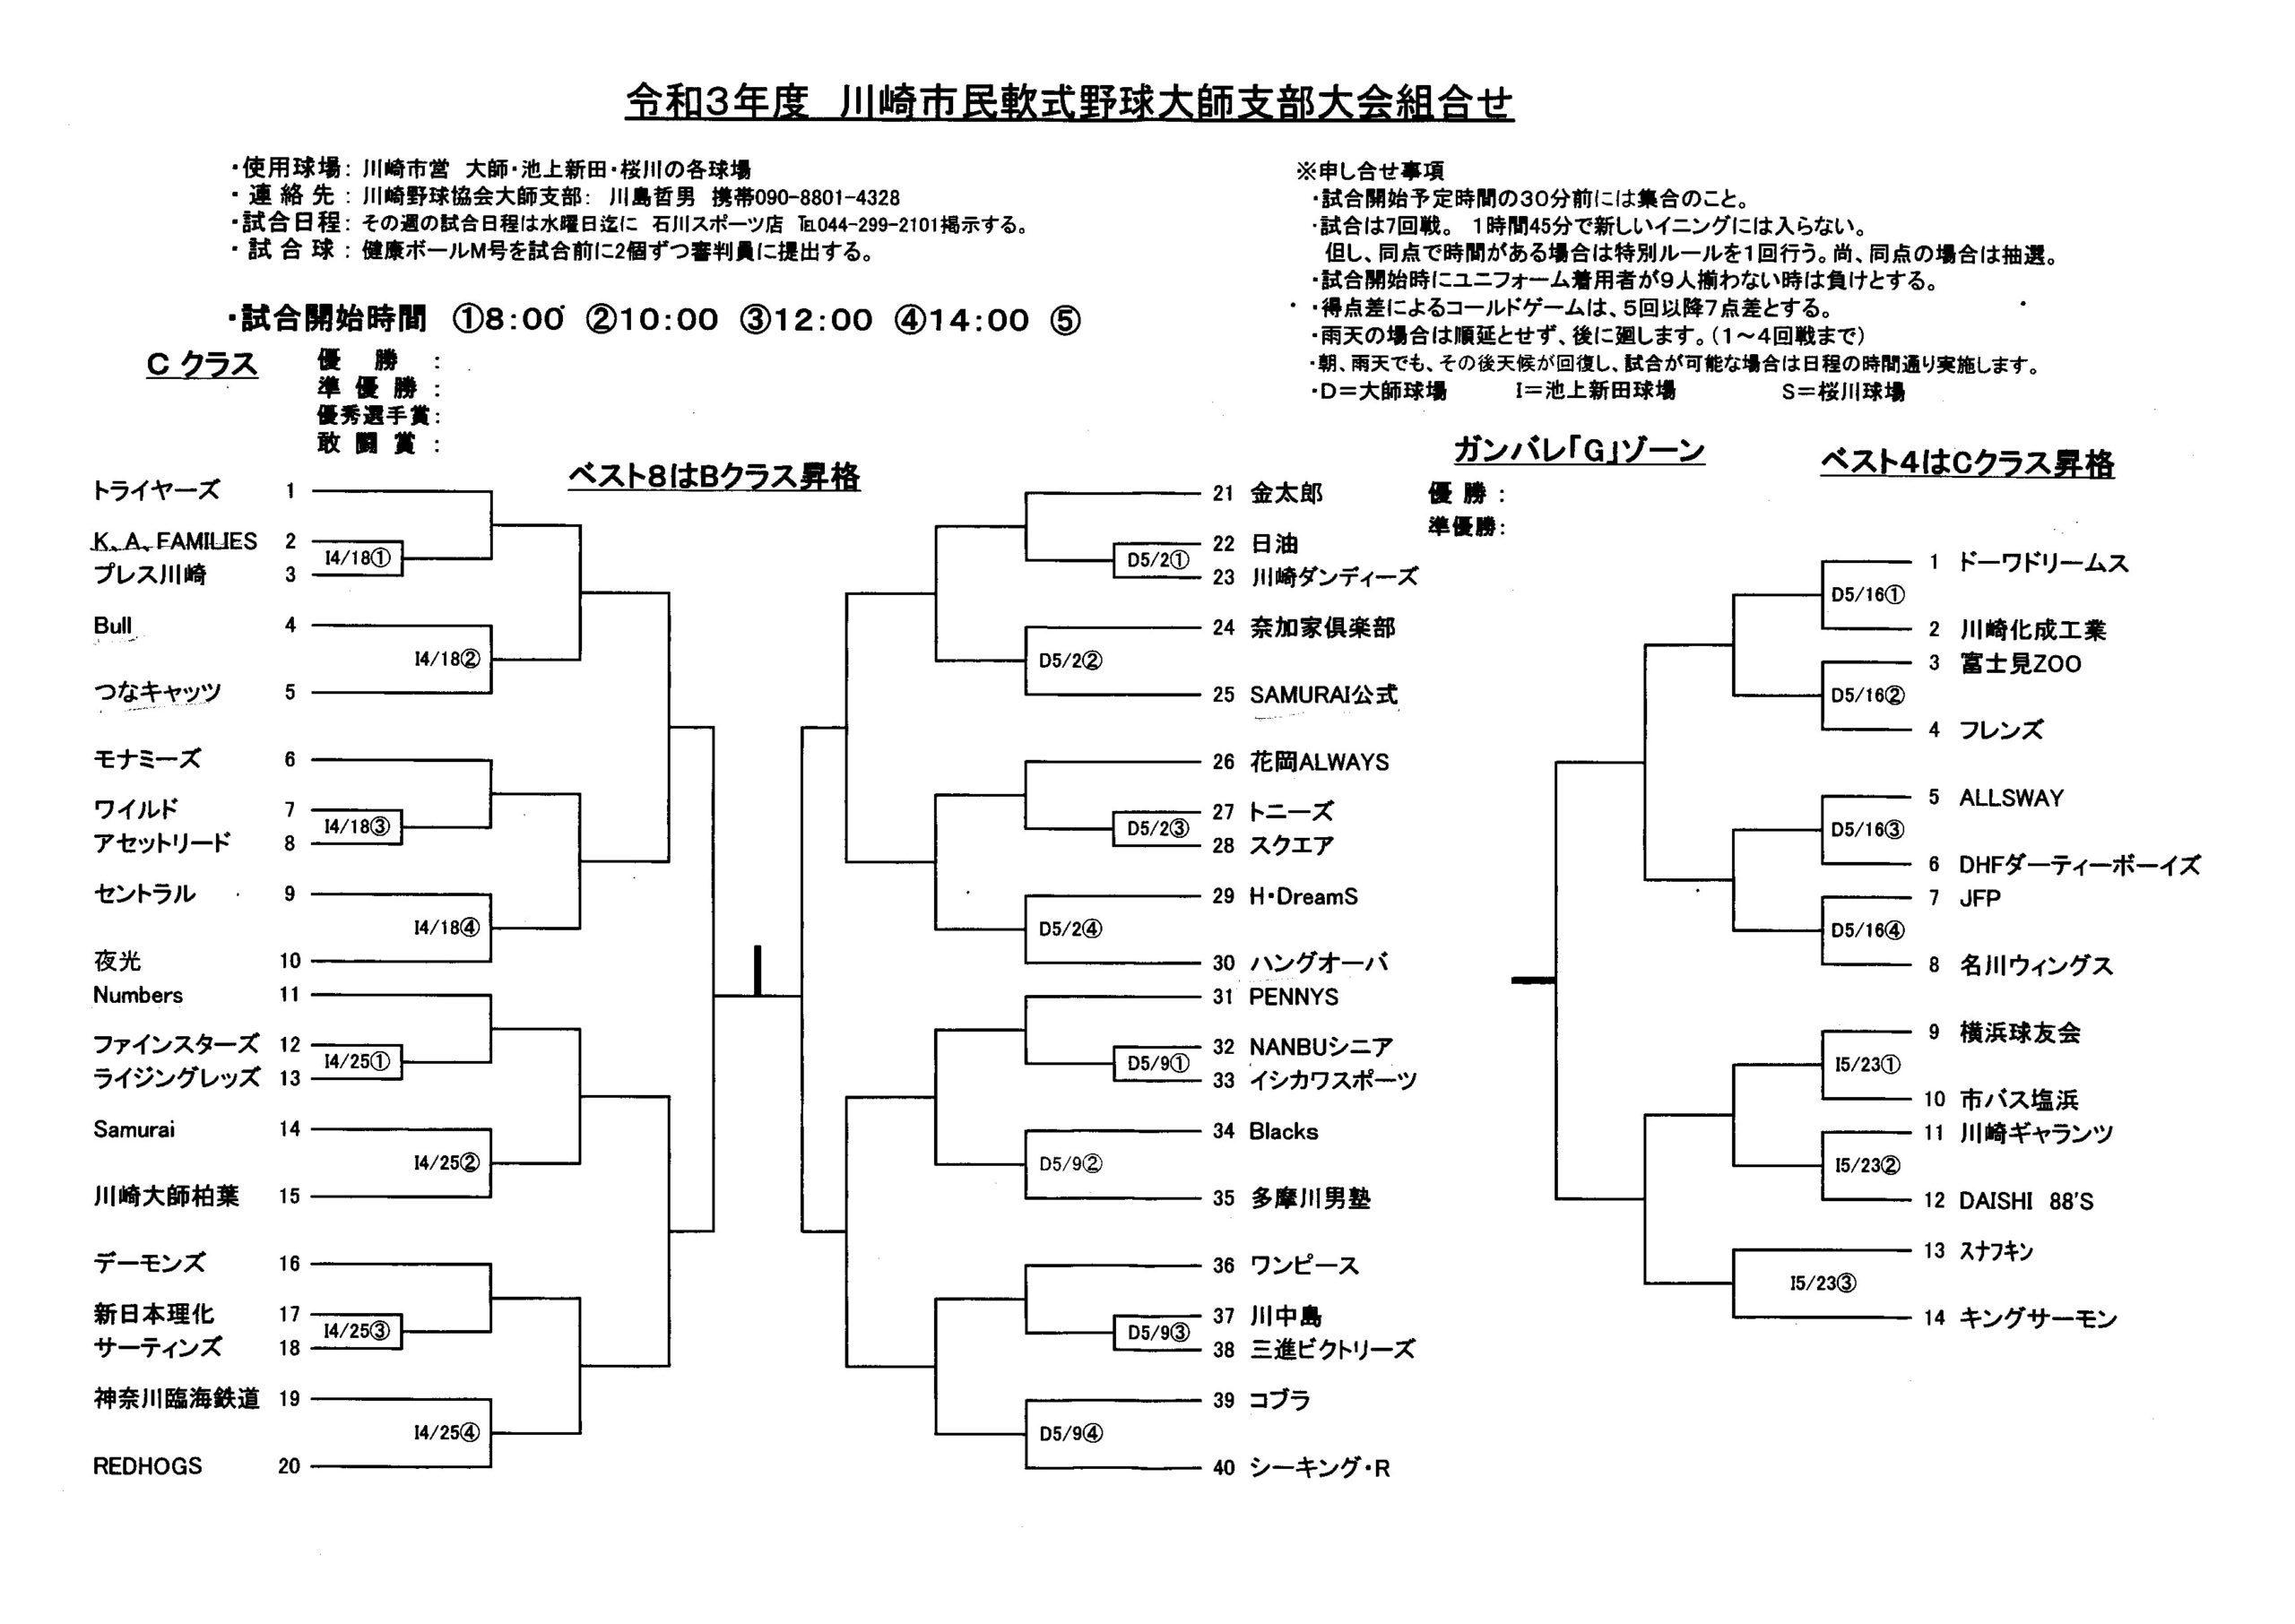 3月13日(土)<川崎野球協会大師支部 令和3年度市民大会参加チーム82チーム>